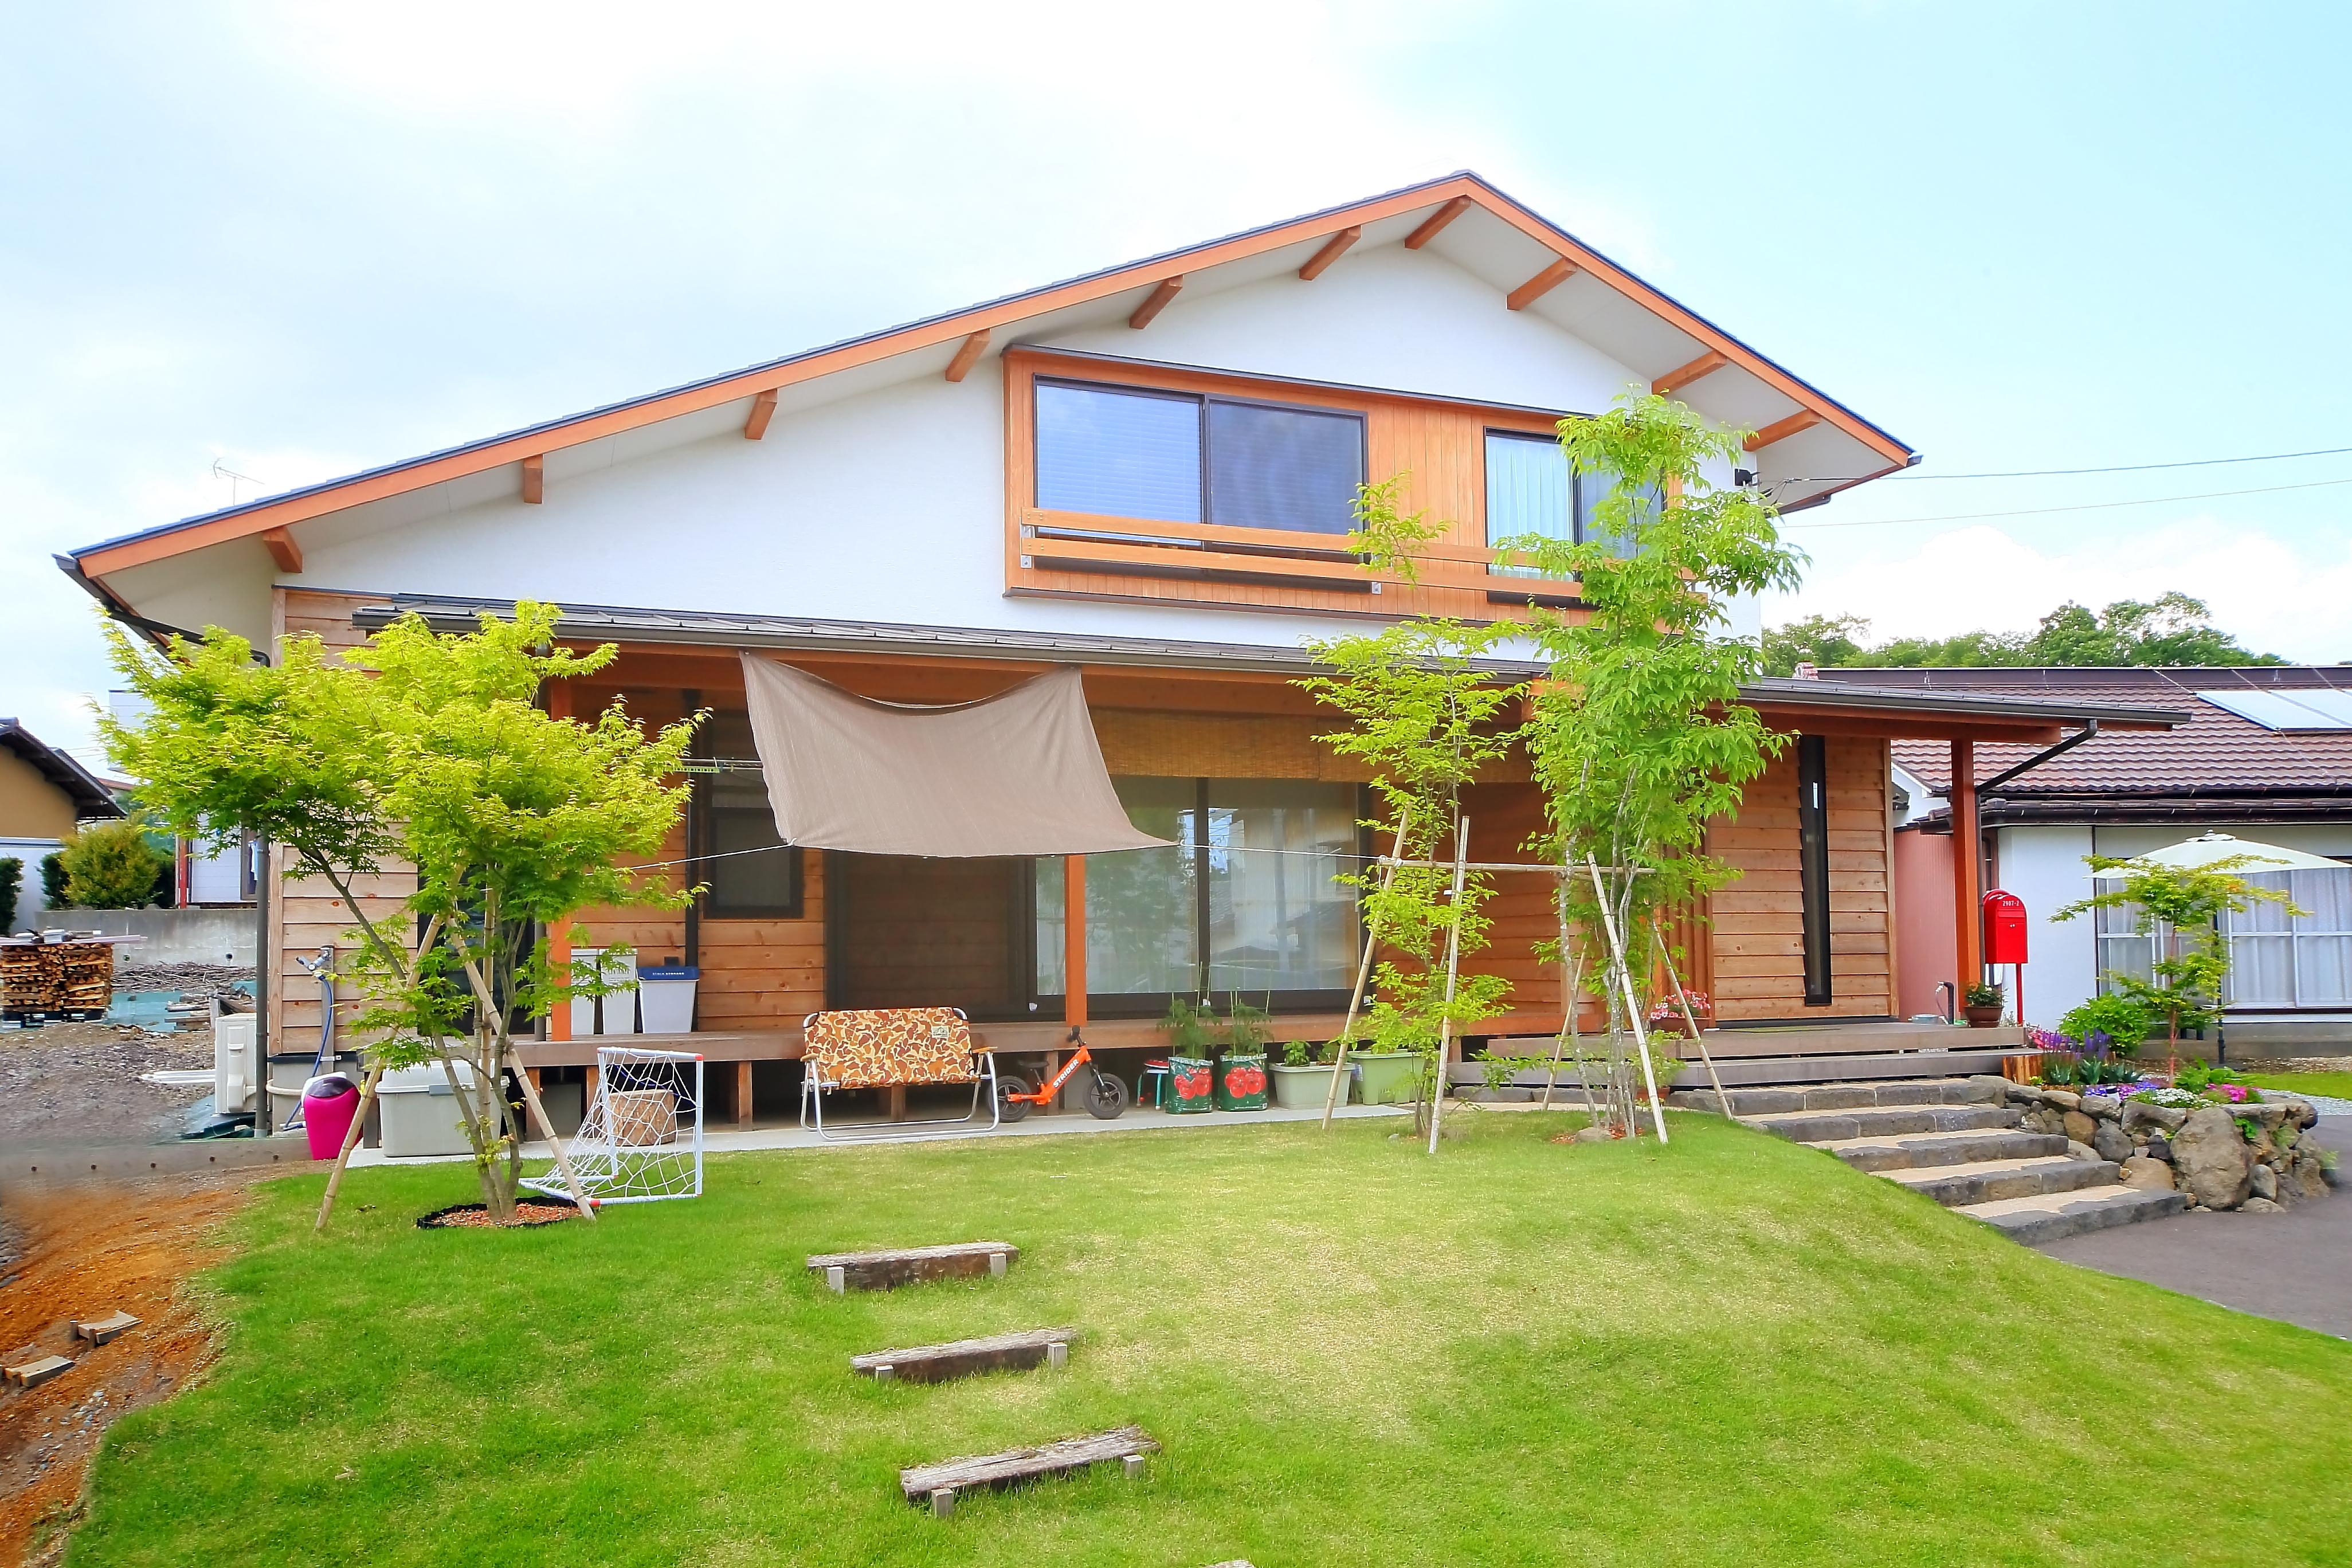 エコフィールド【自然素材、省エネ、間取り】大屋根と壁の木貼りが特徴的な外観